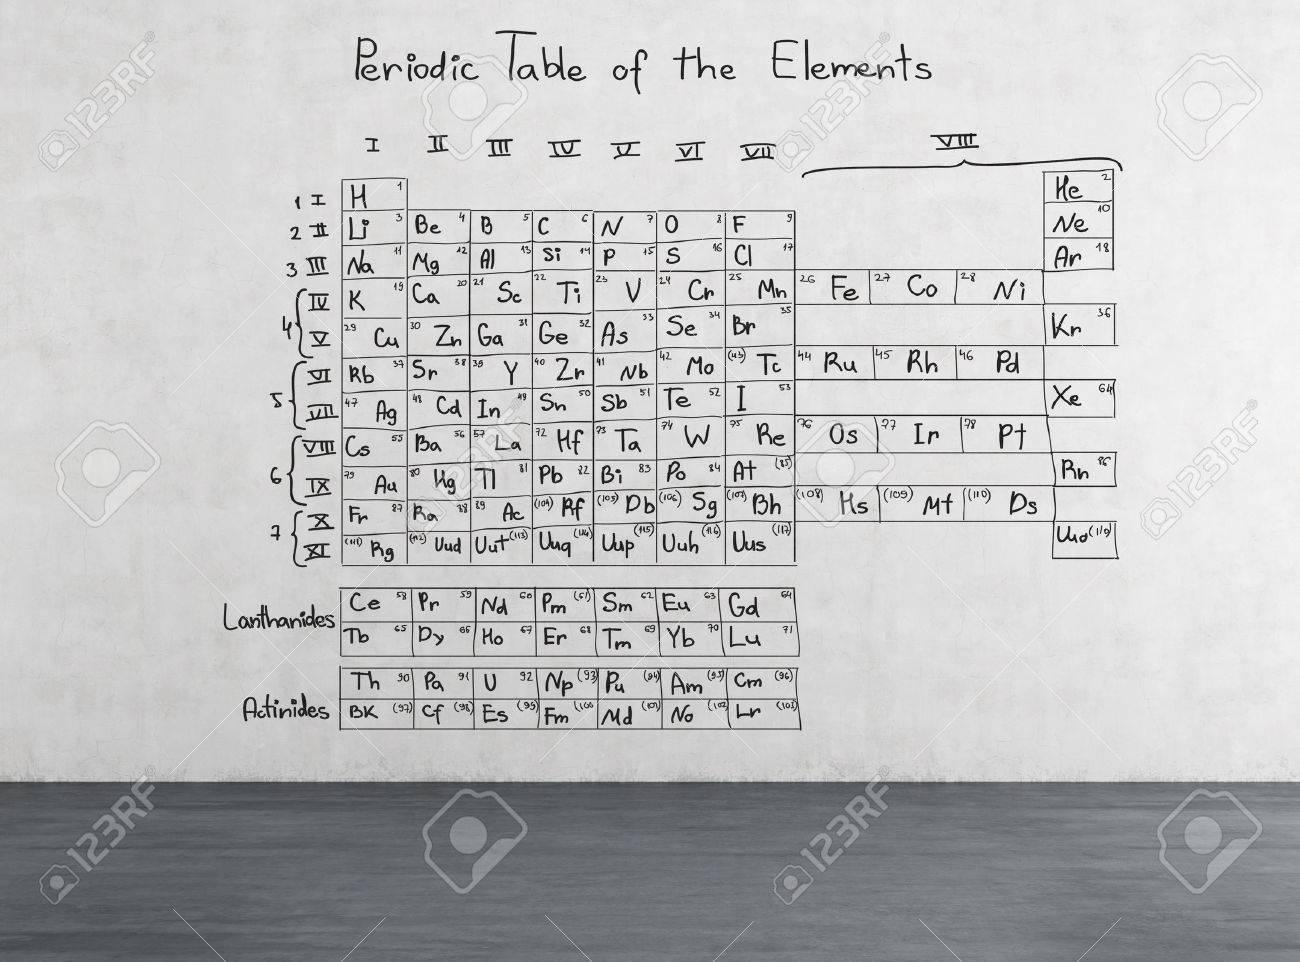 Tabla peridica de los elementos de dibujo en la pared fotos foto de archivo tabla peridica de los elementos de dibujo en la pared urtaz Image collections